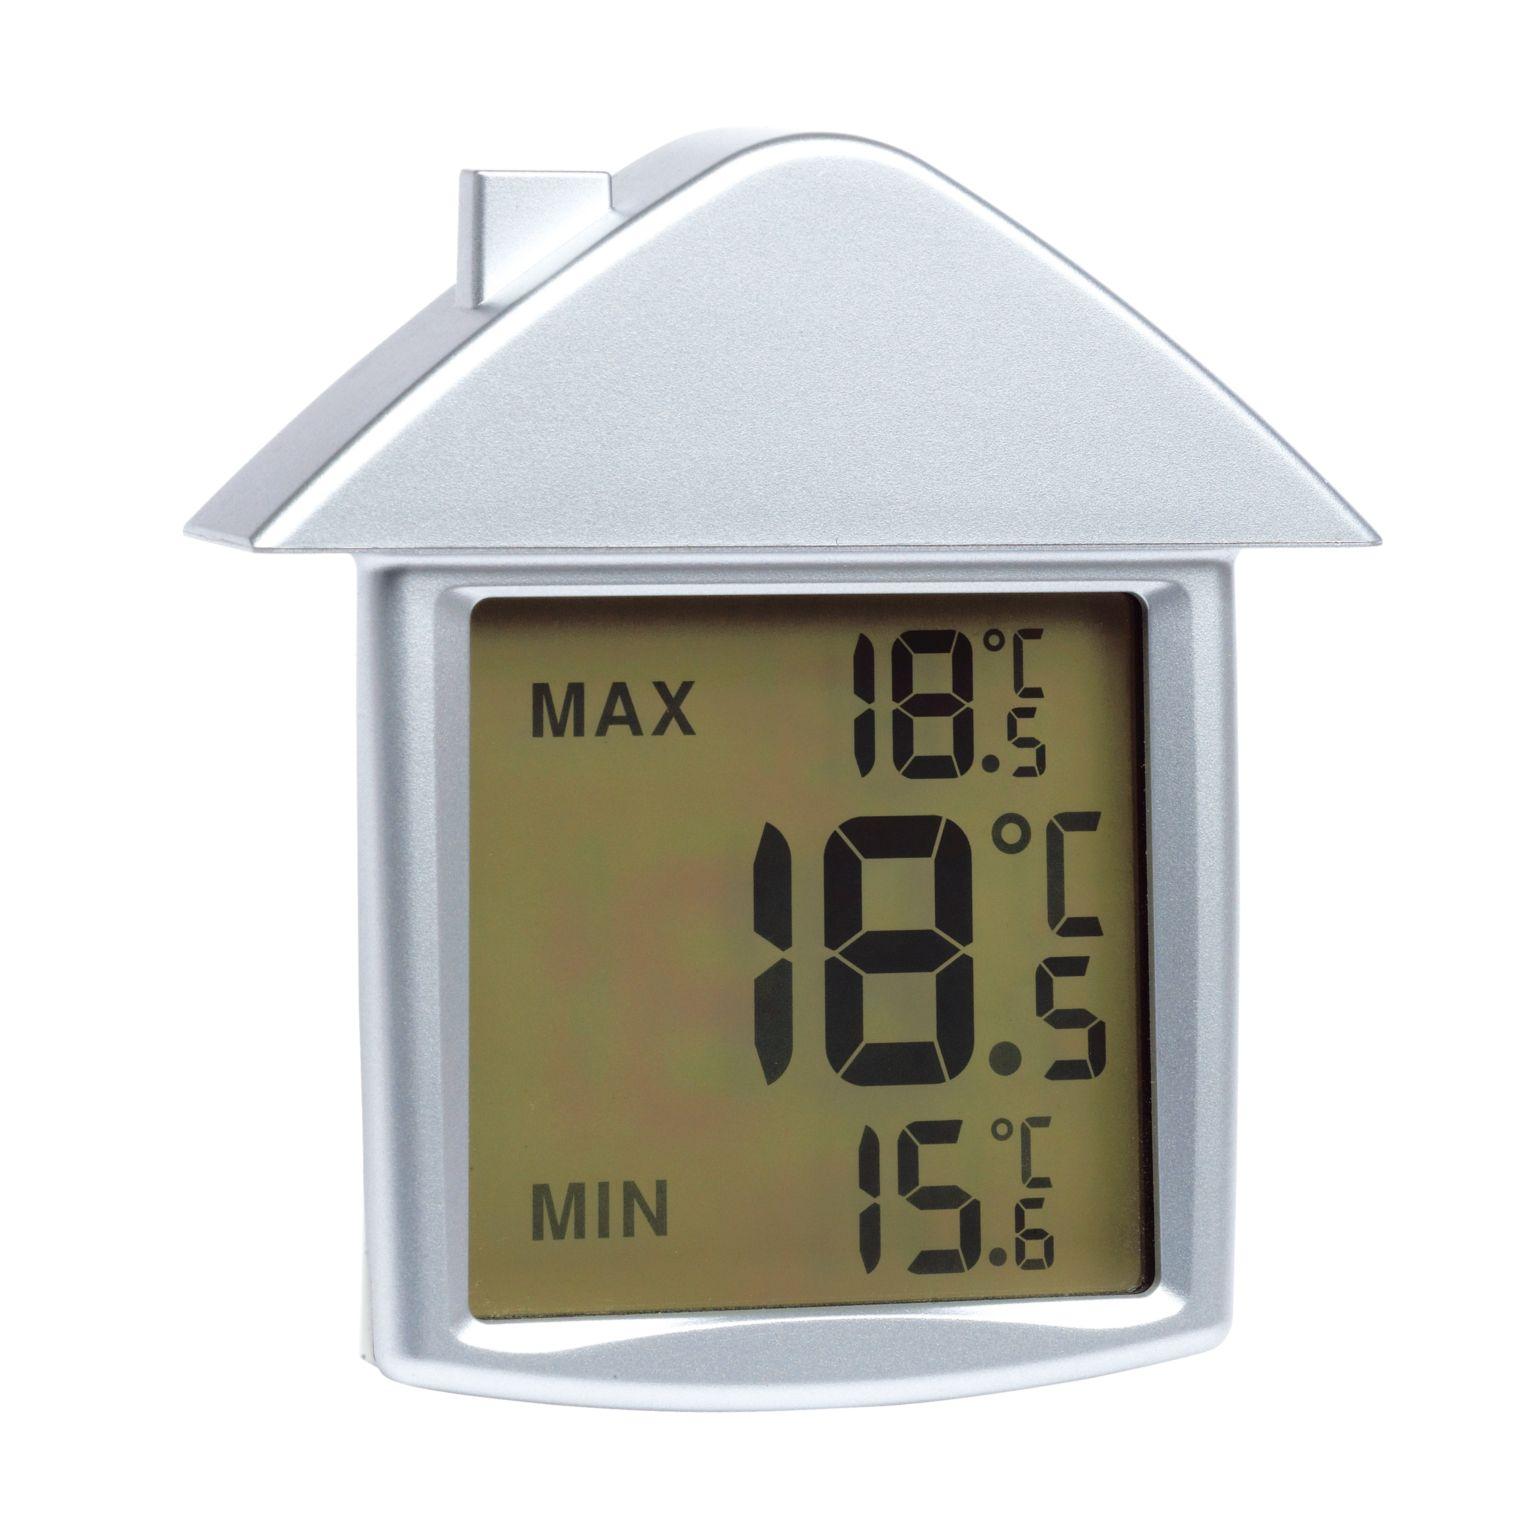 Thermomètre COMFORT